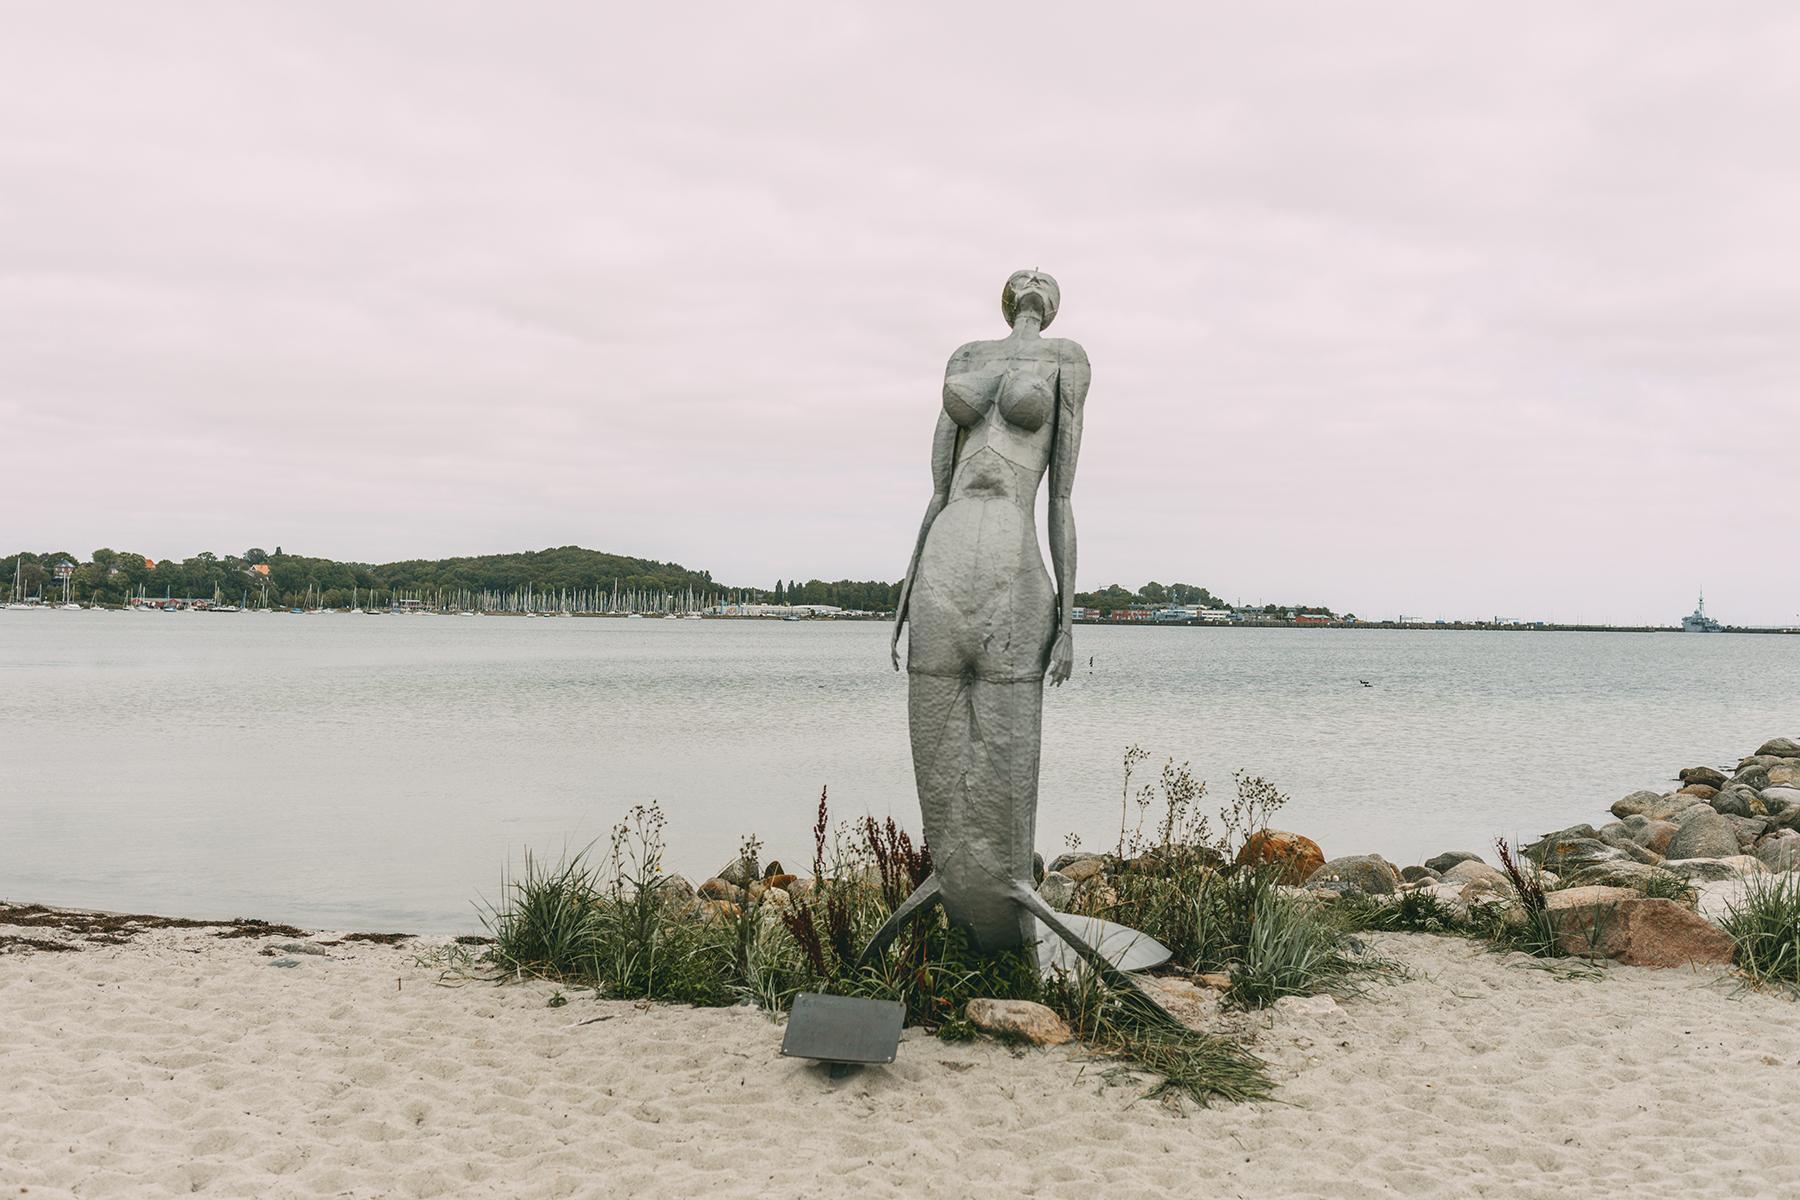 Nixe am Strand von Eckernförde